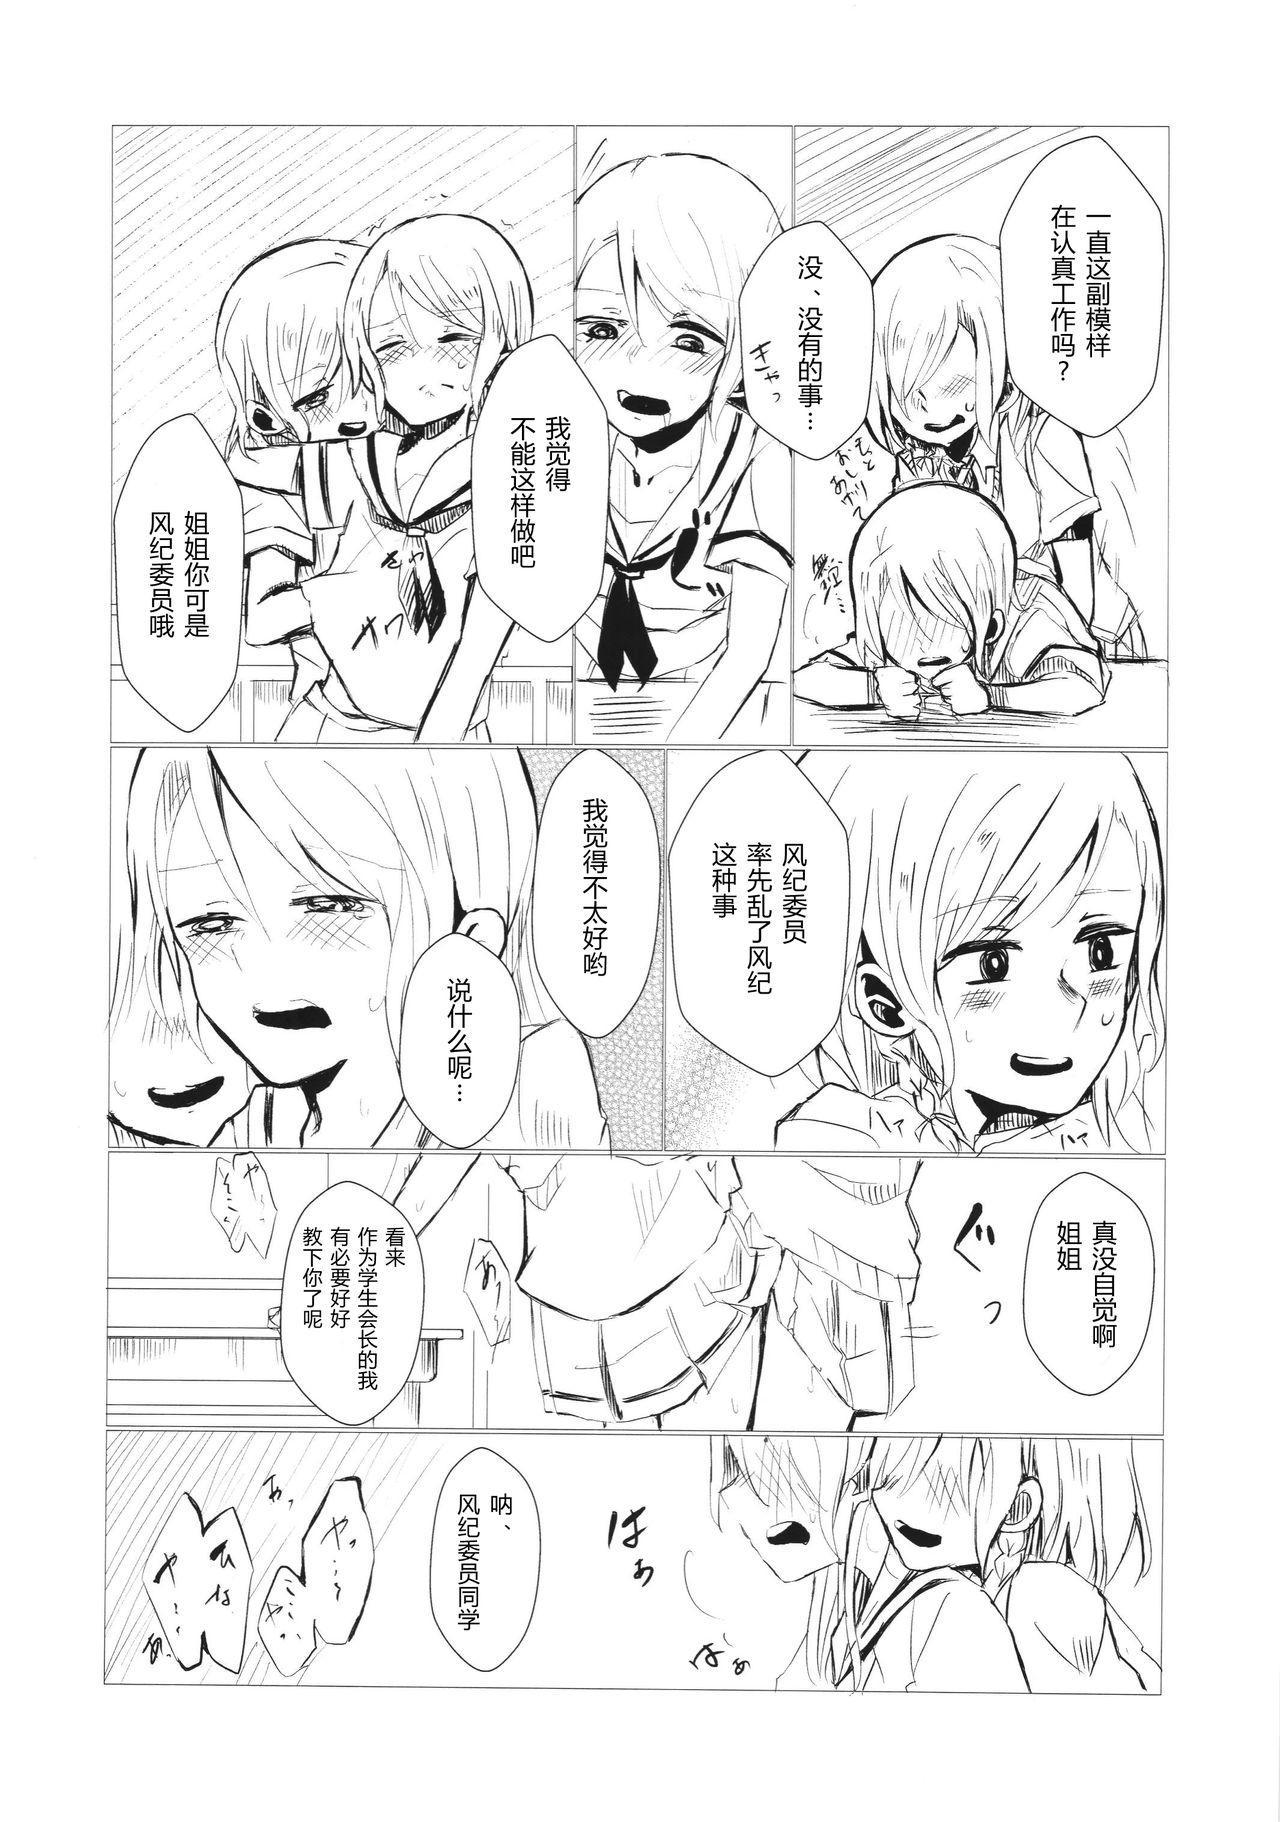 氷川姉妹18禁合同「今日は一緒に寝てもいい?」 37